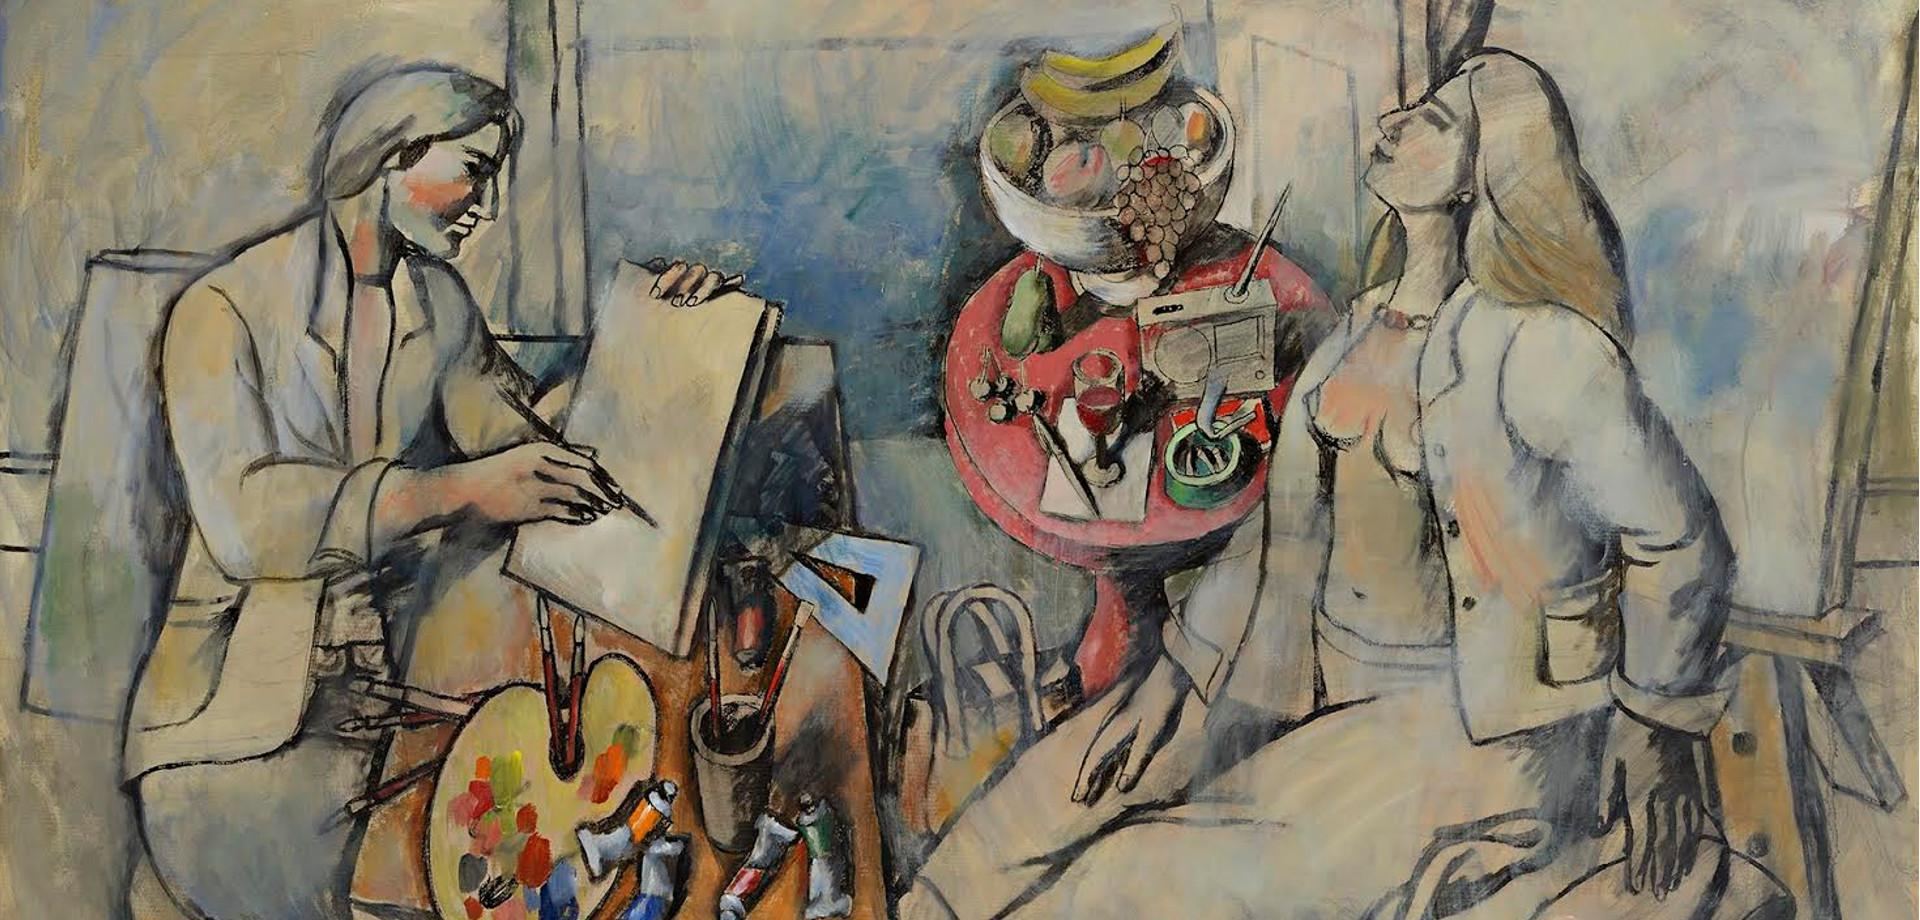 Αποτέλεσμα εικόνας για Παύλος Σάμιος, Ζωγράφος, Αγιογράφος, Καθηγητής ΑΣΚΤ, Εκθέσεις, θάνατος